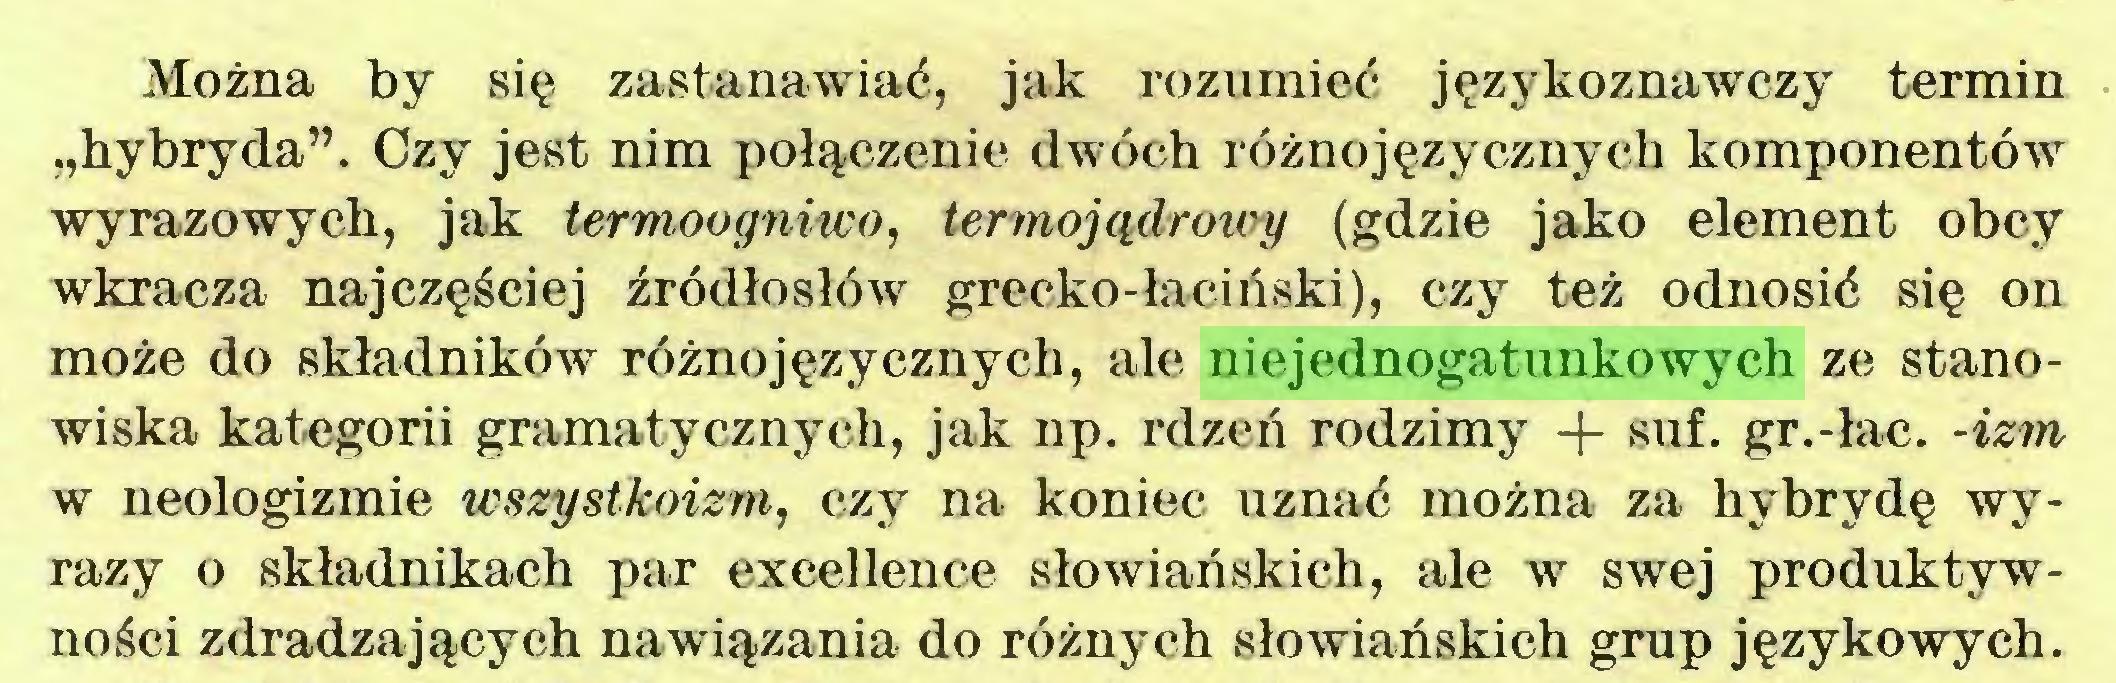 """(...) Można by się zastanawiać, jak rozumieć językoznawczy termin """"hybryda"""". Czy jest nim połączenie dwóch różnojęzycznych komponentów wyrazowych, jak termoogniwo, termojądrowy (gdzie jako element obcy wkracza najczęściej źródłosłów grecko-łaciliski), czy też odnosić się on może do składników różnojęzycznych, ale niejednogatunkowych ze stanowiska kategorii gramatycznych, jak np. rdzeń rodzimy + suf. gr.-łac. -izm w neologizmie wszystkoizm, czy na koniec uznać można za hybrydę wyrazy o składnikach par excellence słowiańskich, ale w swej produktywności zdradzających nawiązania do różnych słowiańskich grup językowych..."""